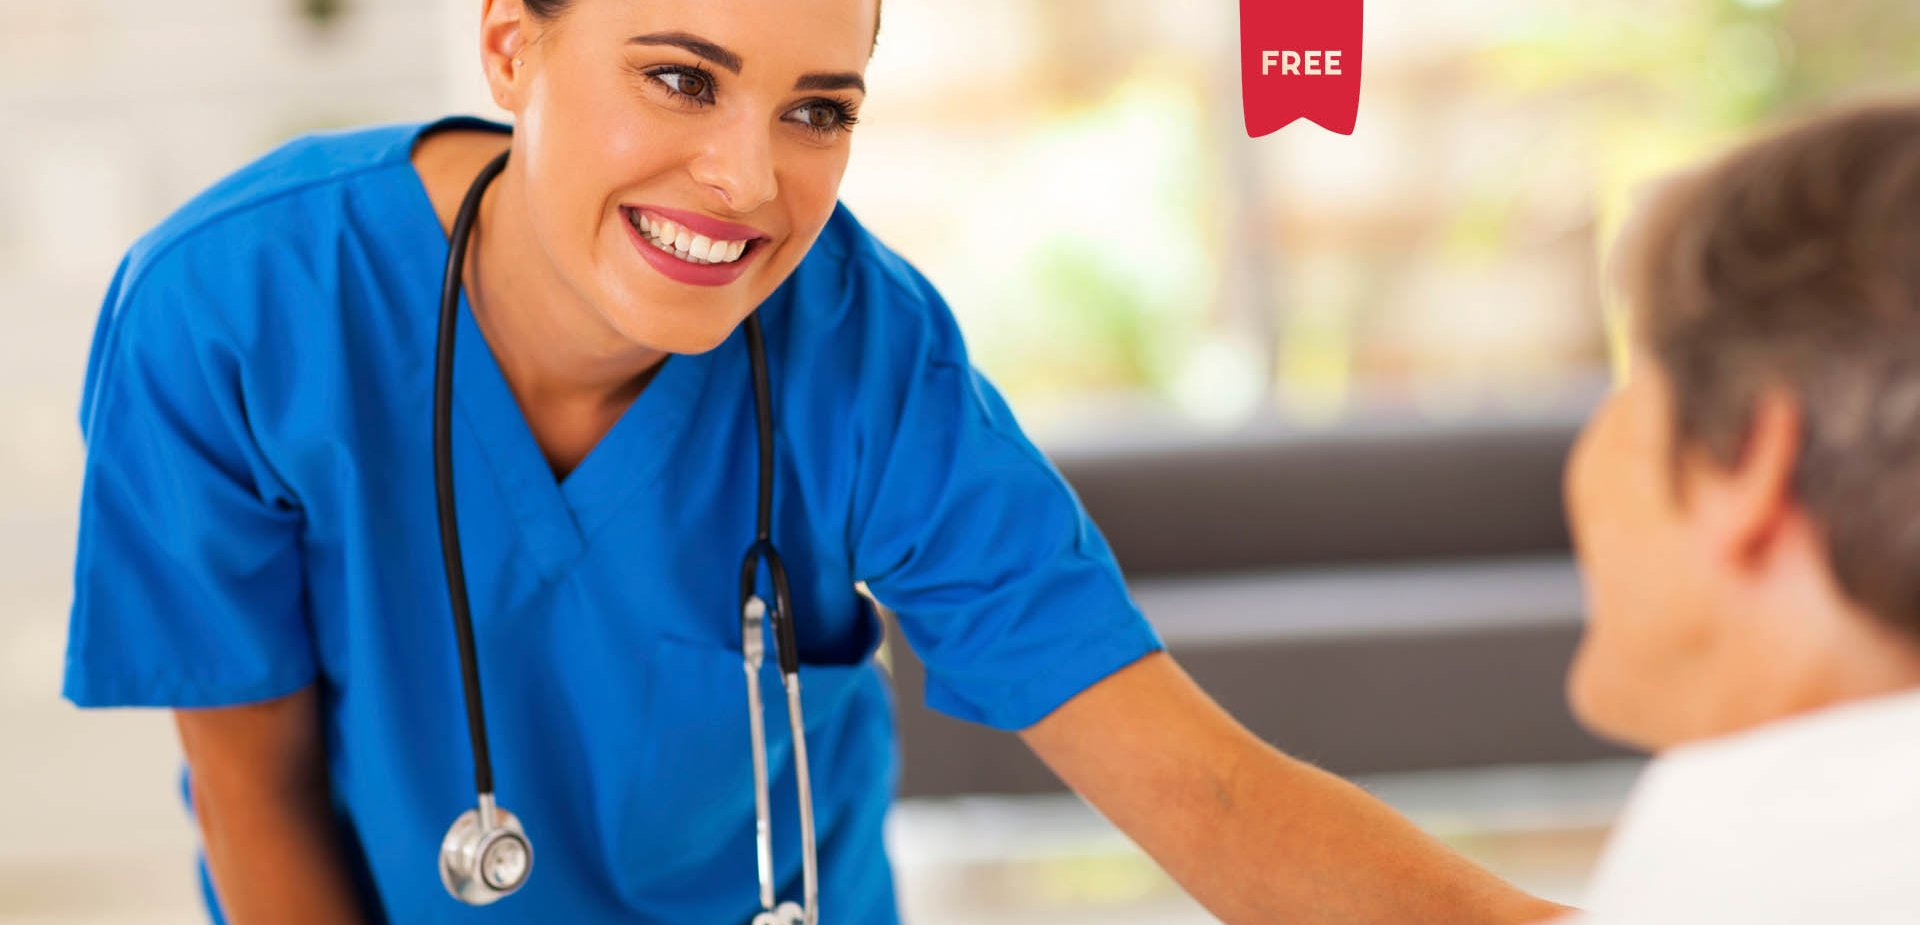 Ostomias de alimentação: educação à pessoa com ostomia e intervenção da enfermagem (estomaterapia)